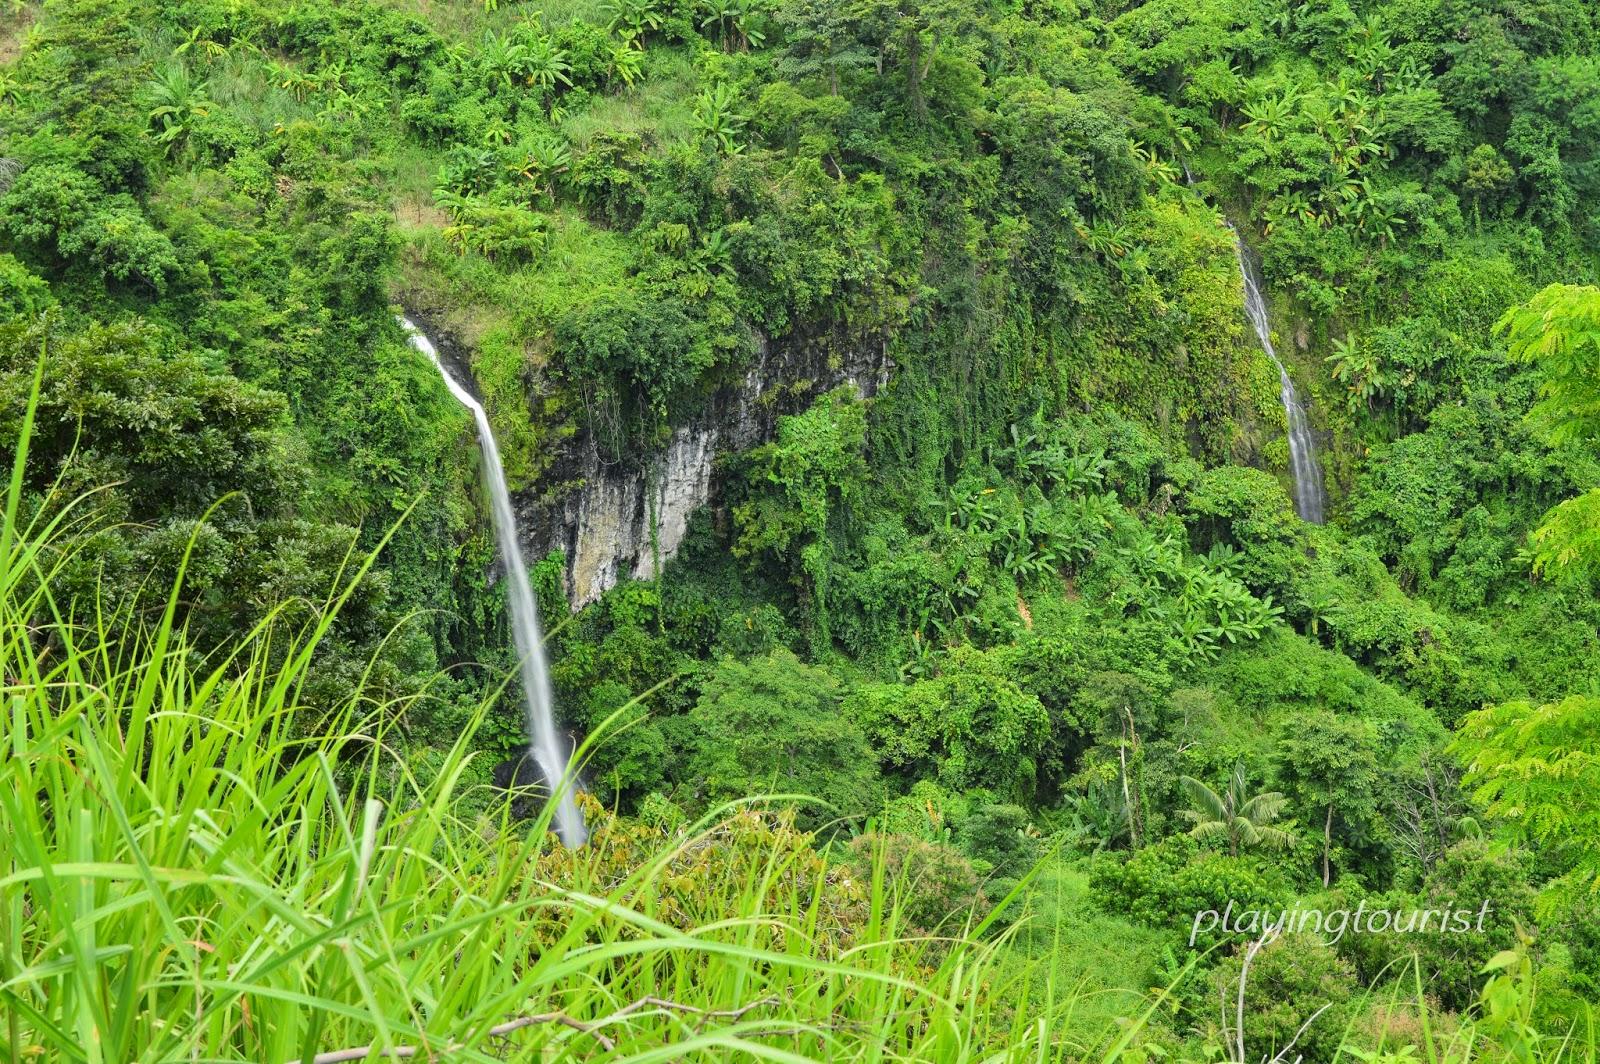 Olongapo City Waterfalls